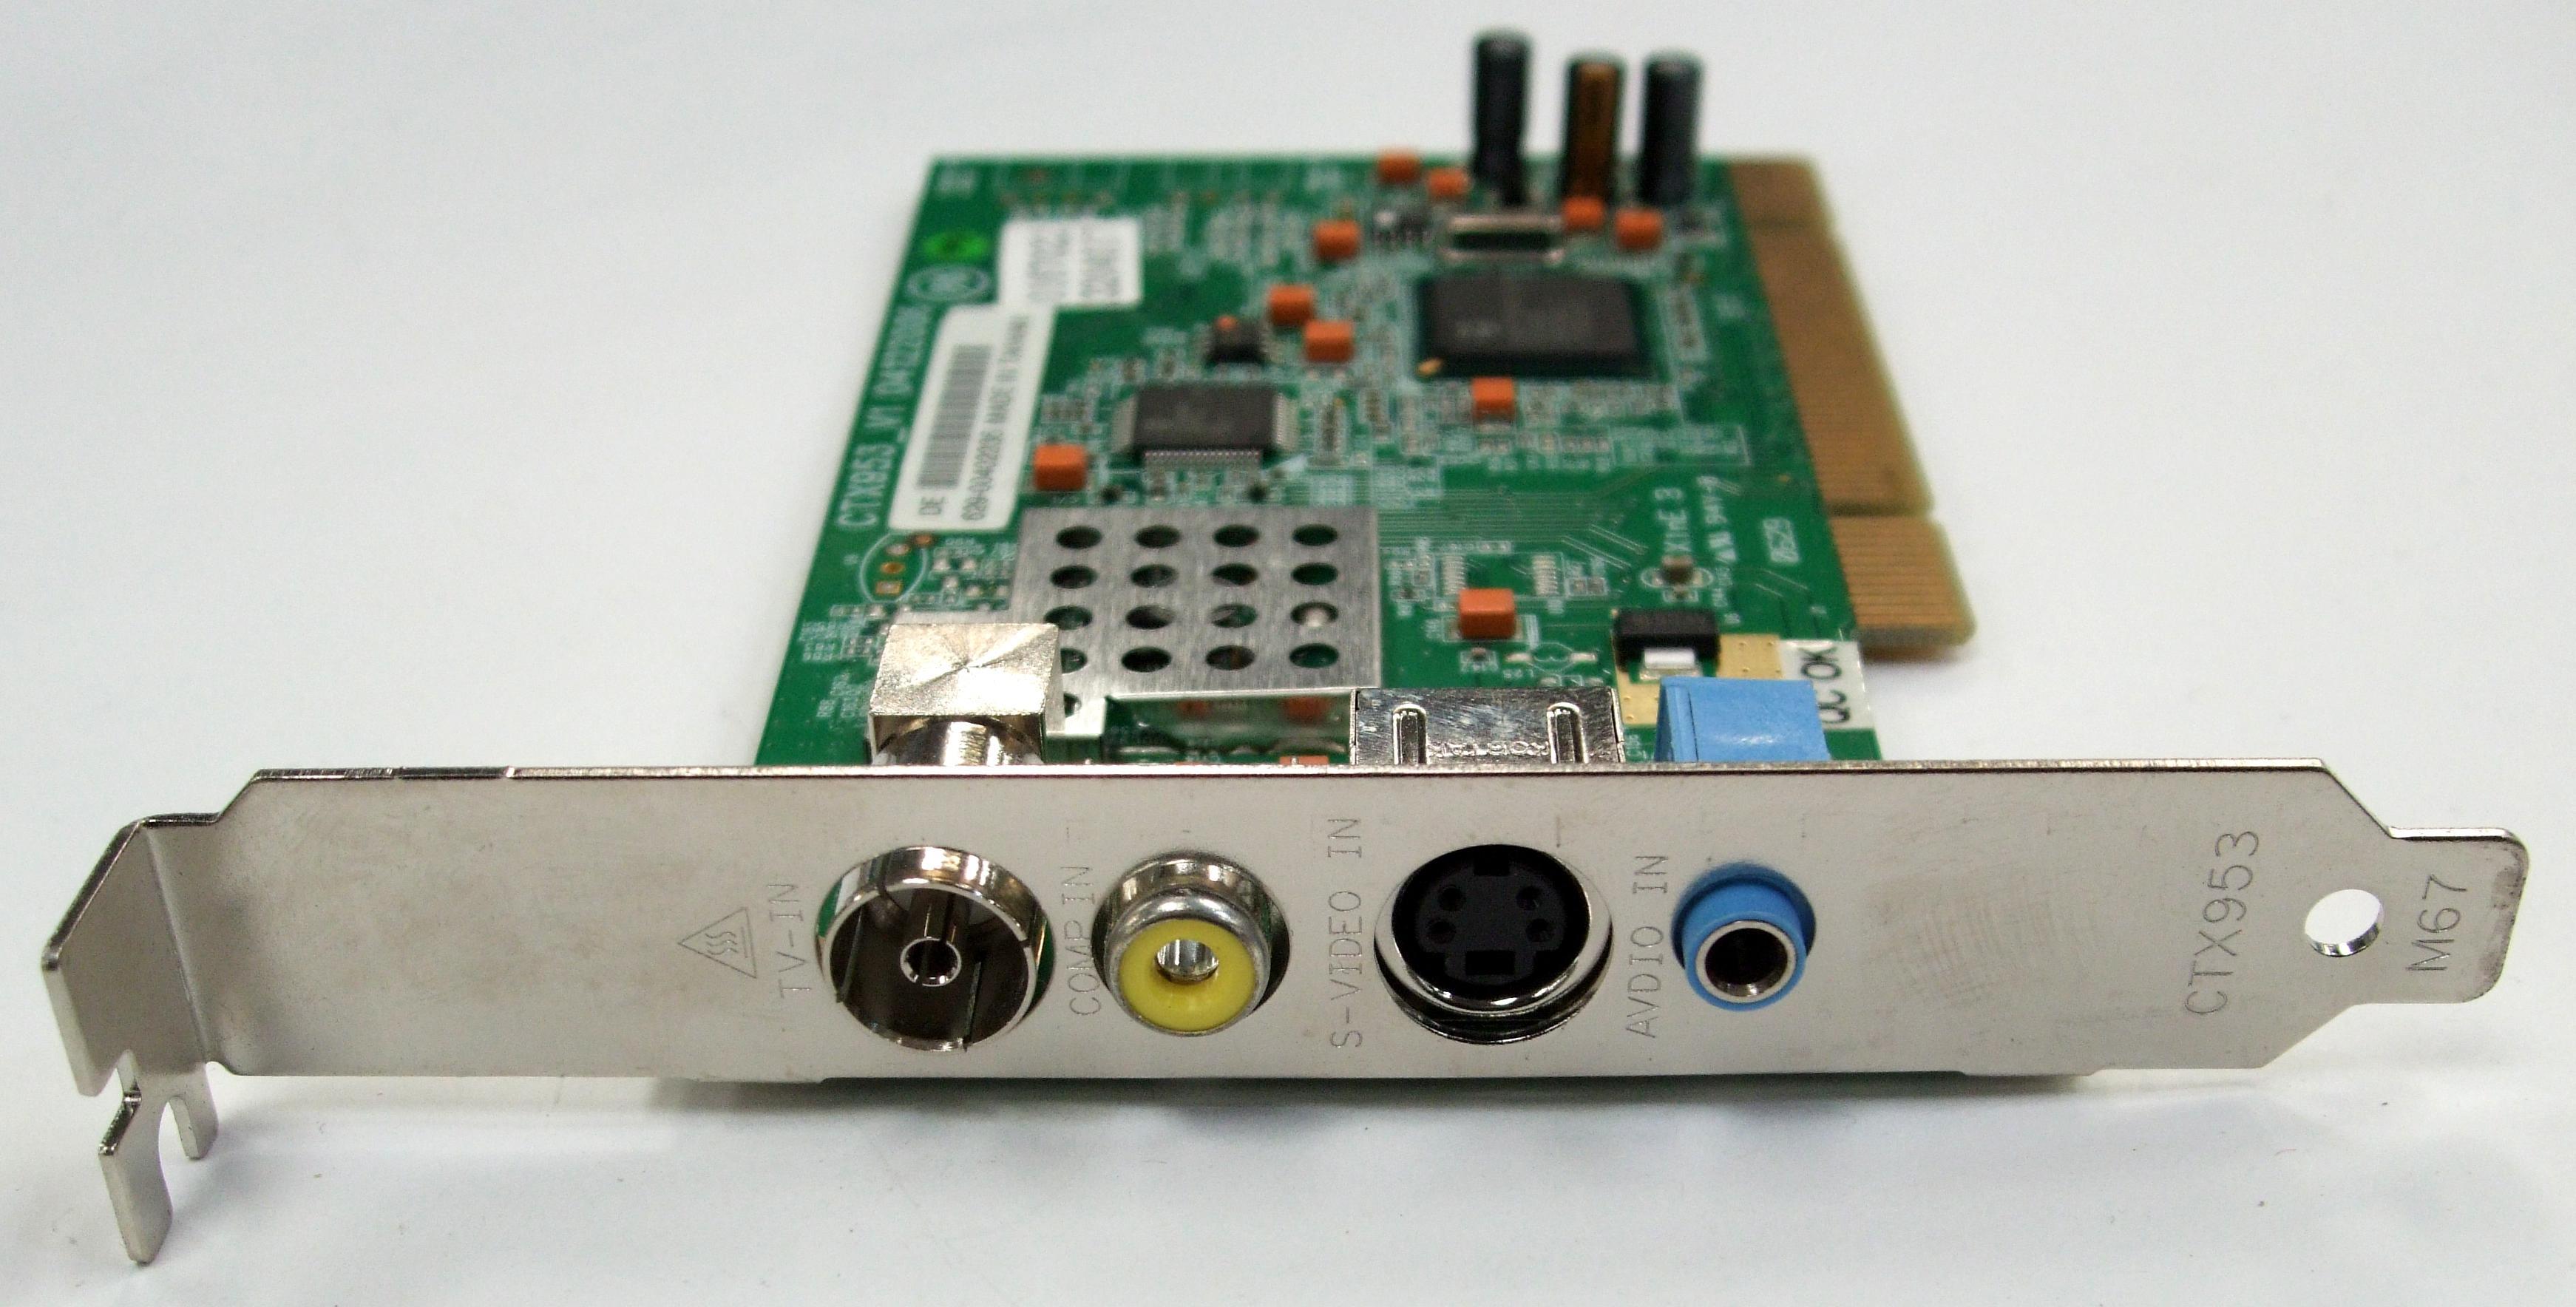 TV-тюнер для компьютера. Его возможности